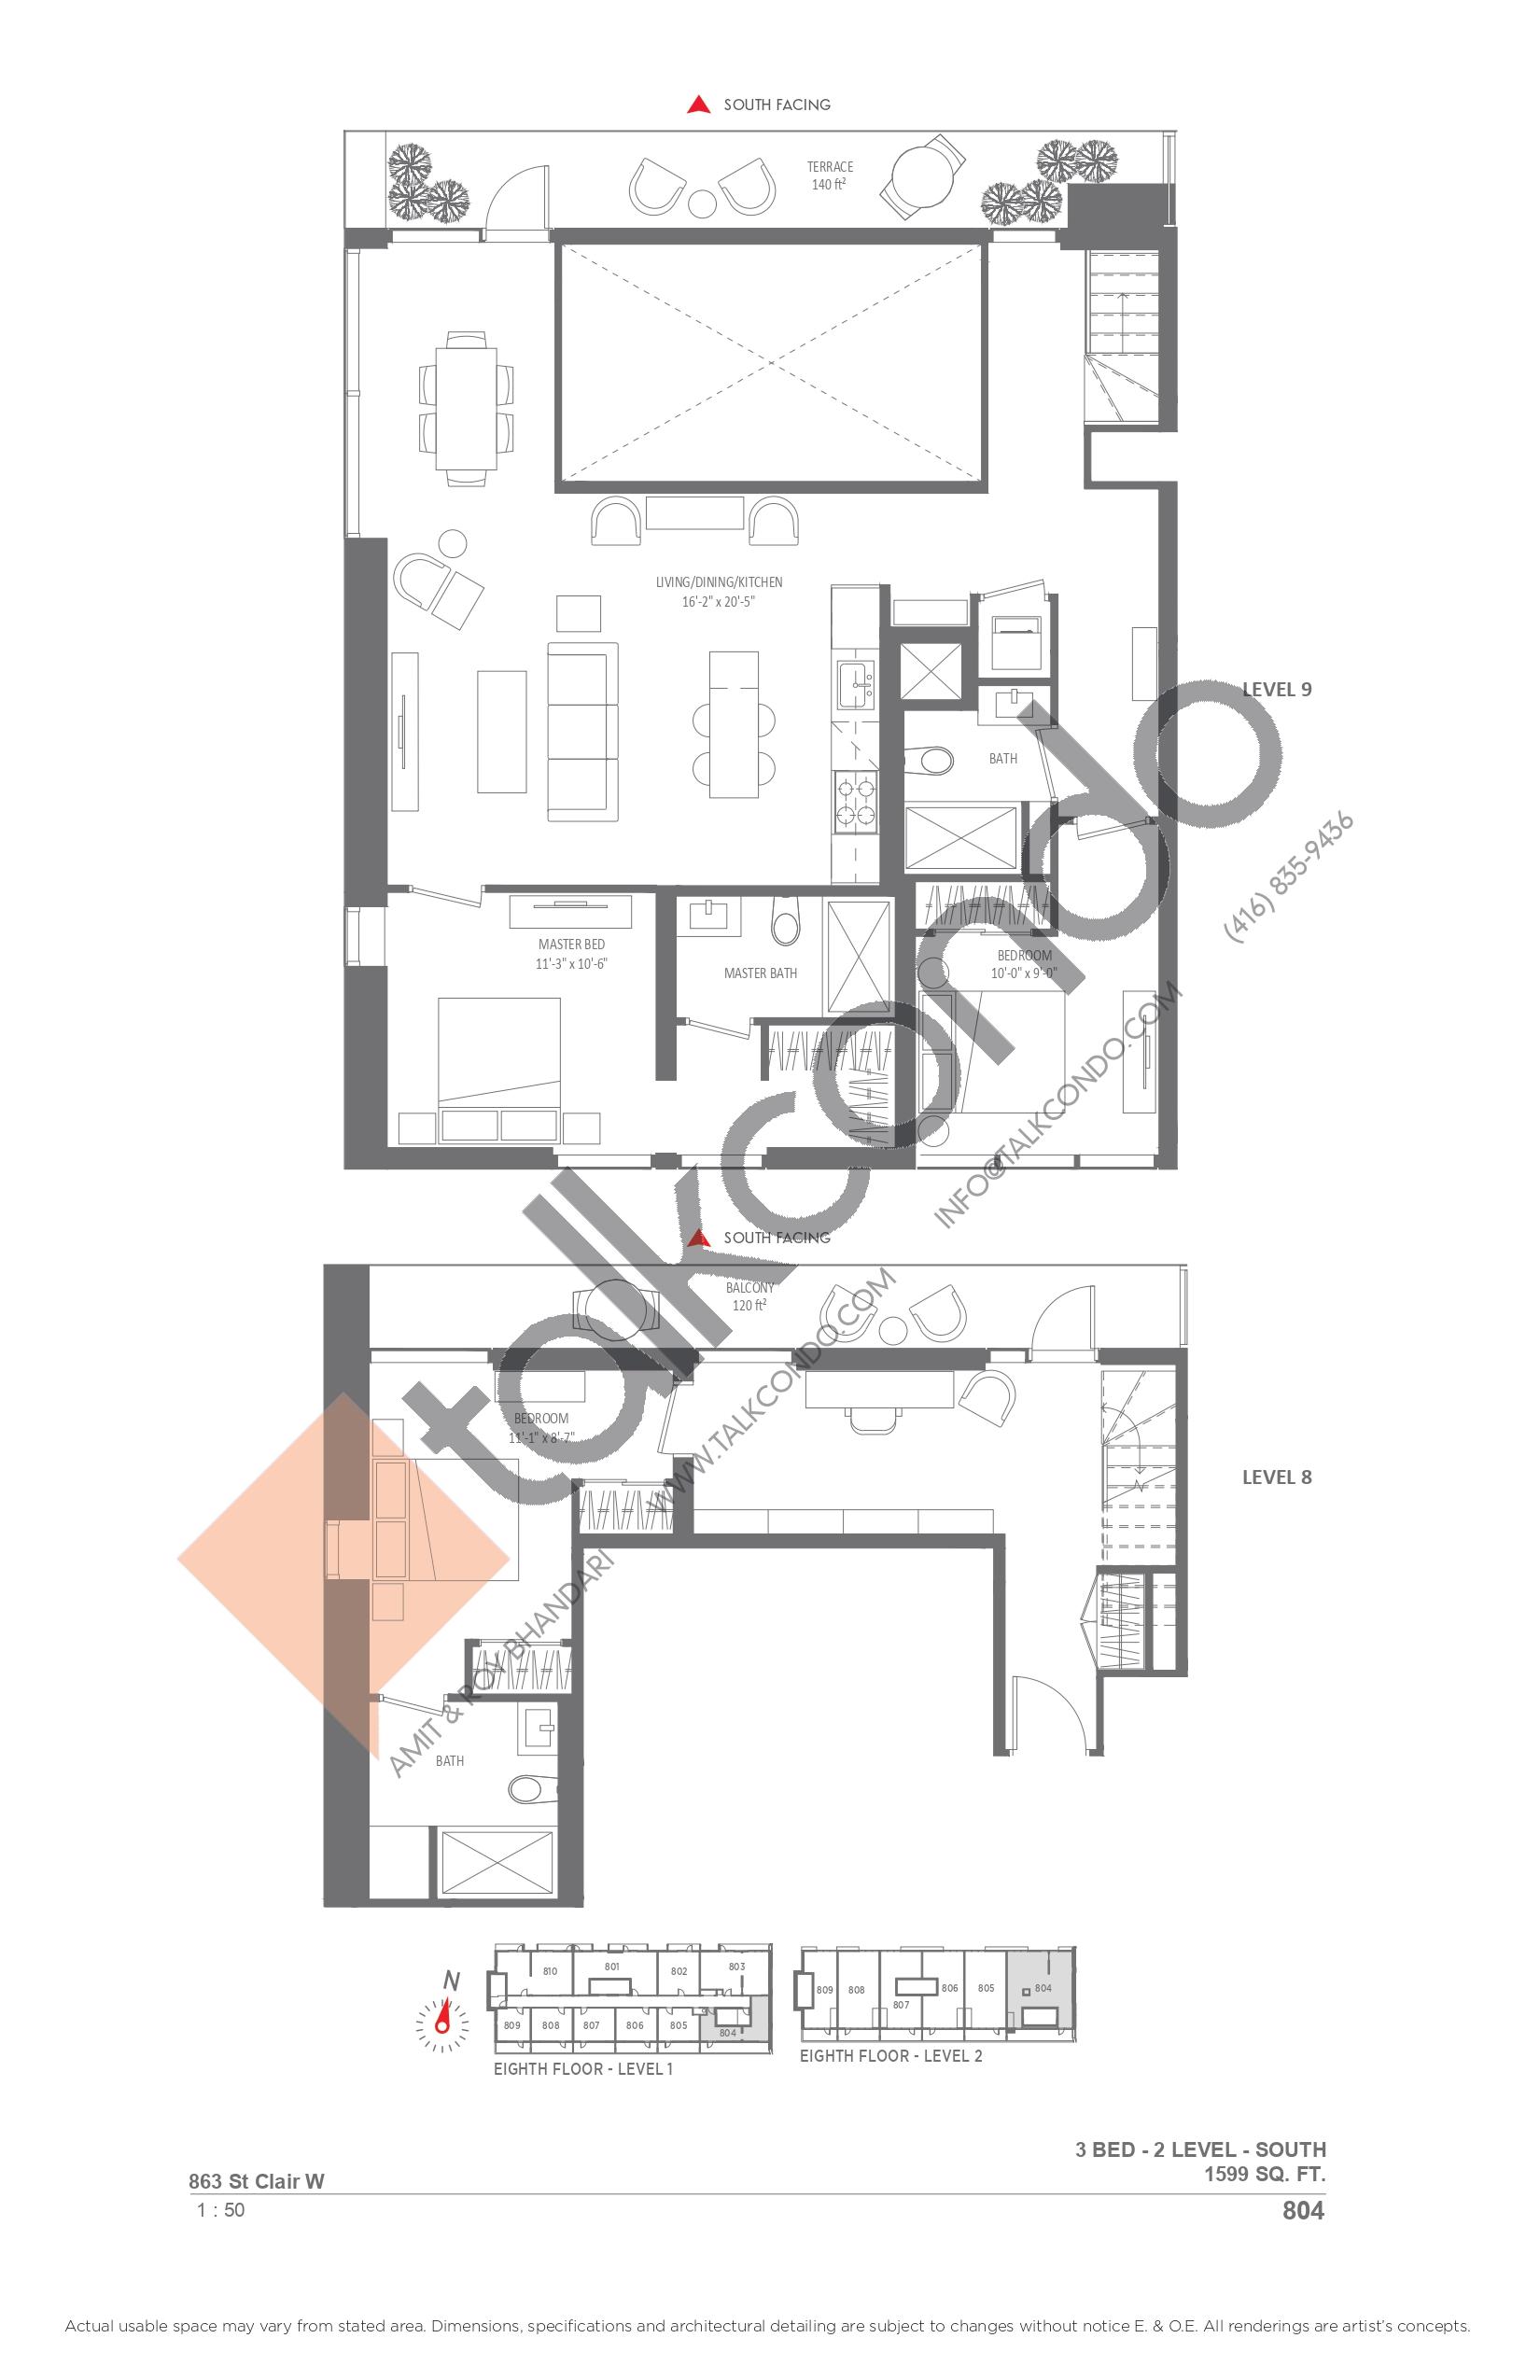 804 Floor Plan at Monza Condos - 1599 sq.ft